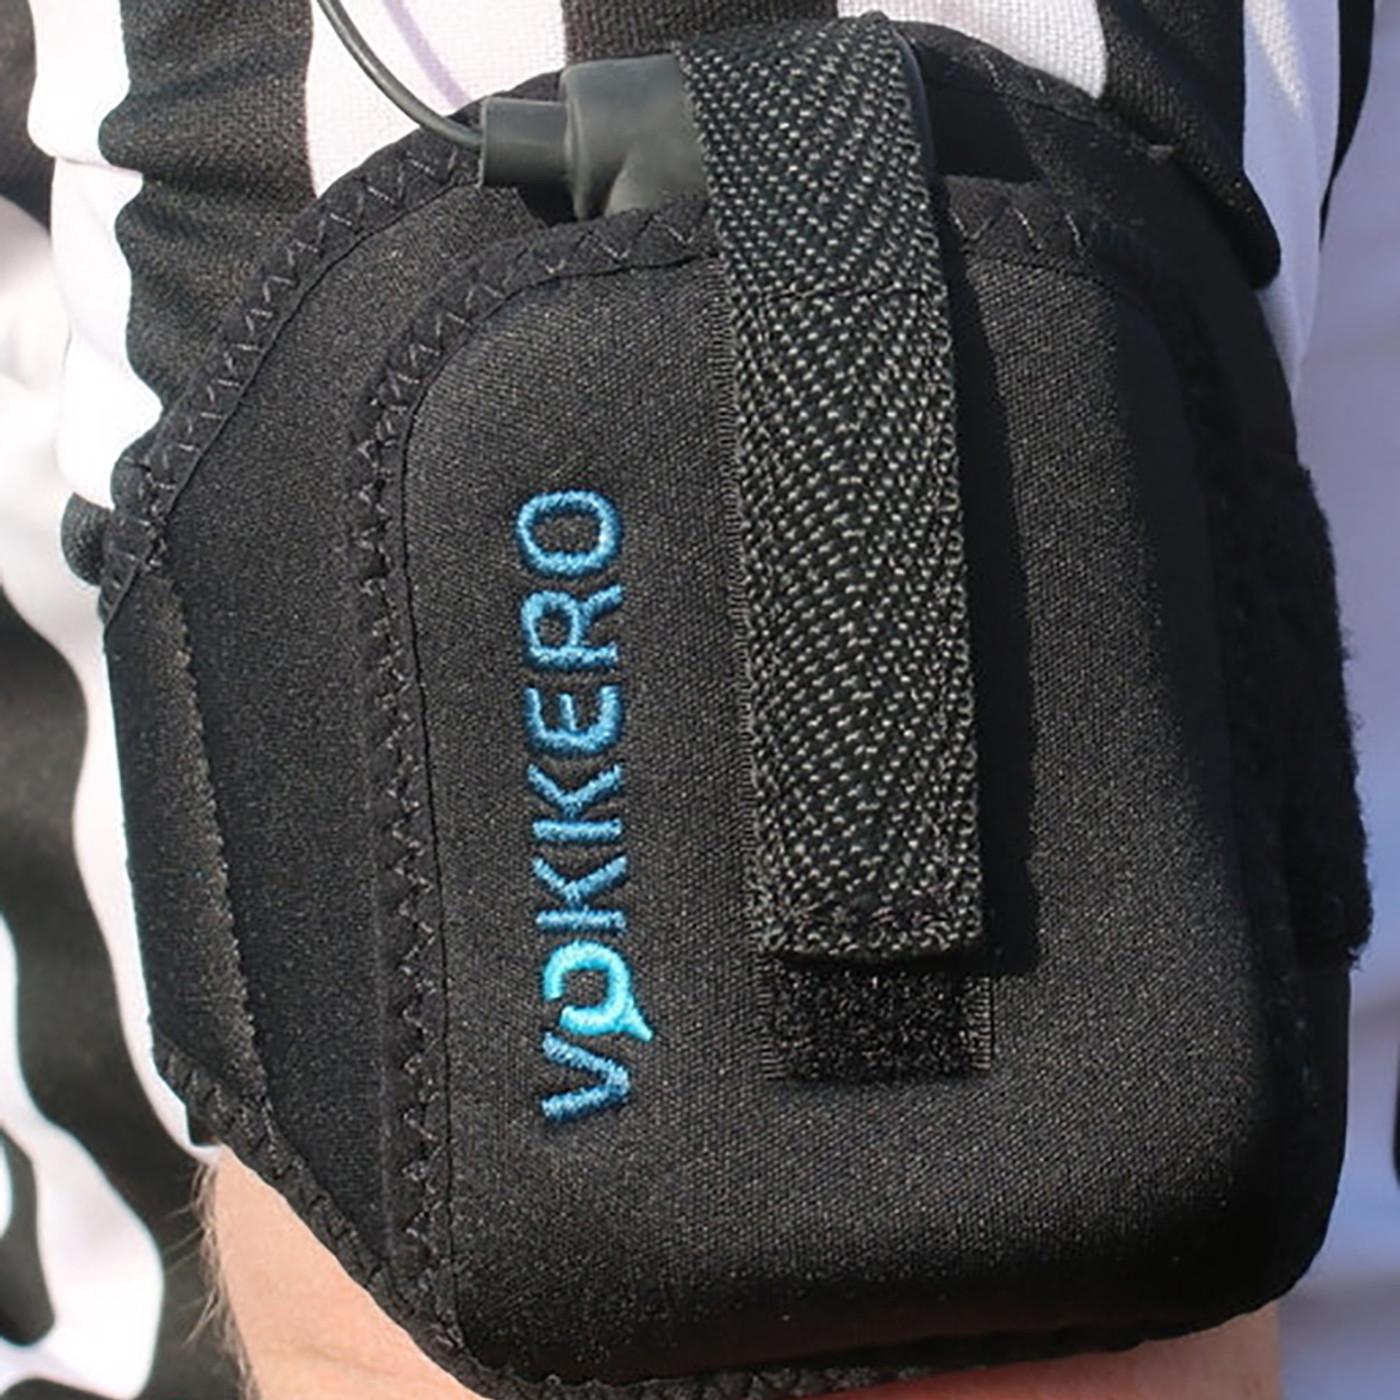 1566 Vokkero Squadra Varsity 3 Person Referee Communication System